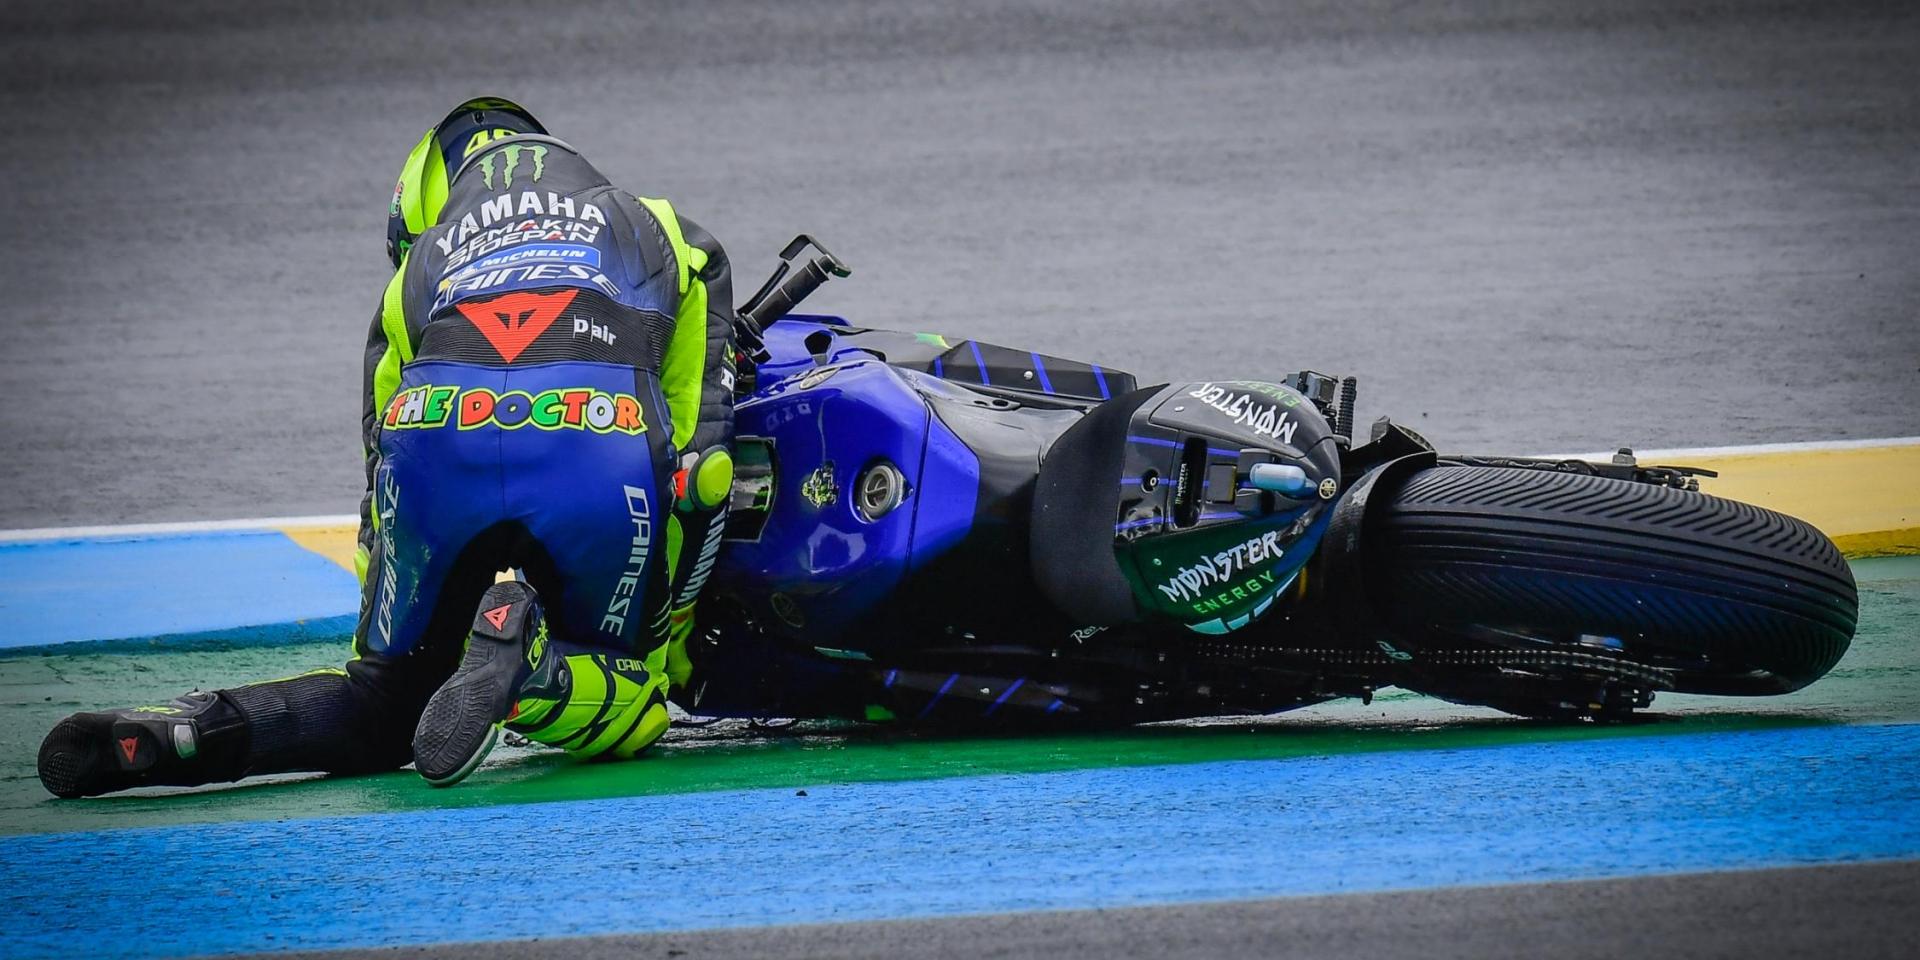 夢碎法國!首圈就下課,Valentino Rossi:像這樣子轉倒退賽是最糟糕的事情!